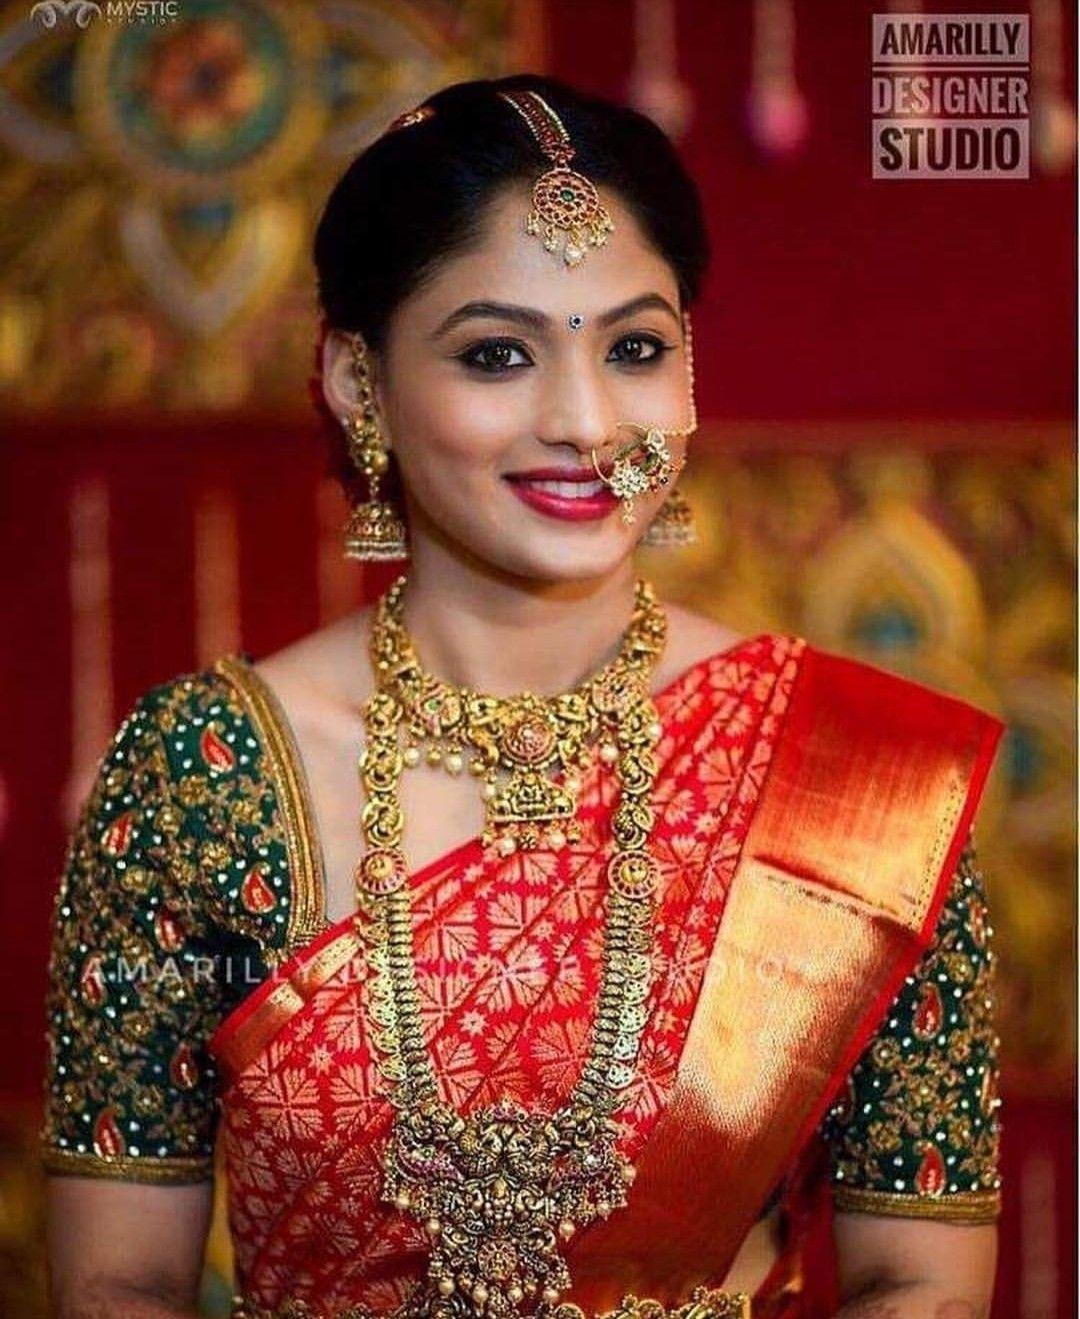 beutiful royal look kanchipuram saree for weeding wear sari with contrast  with blouse piece sari